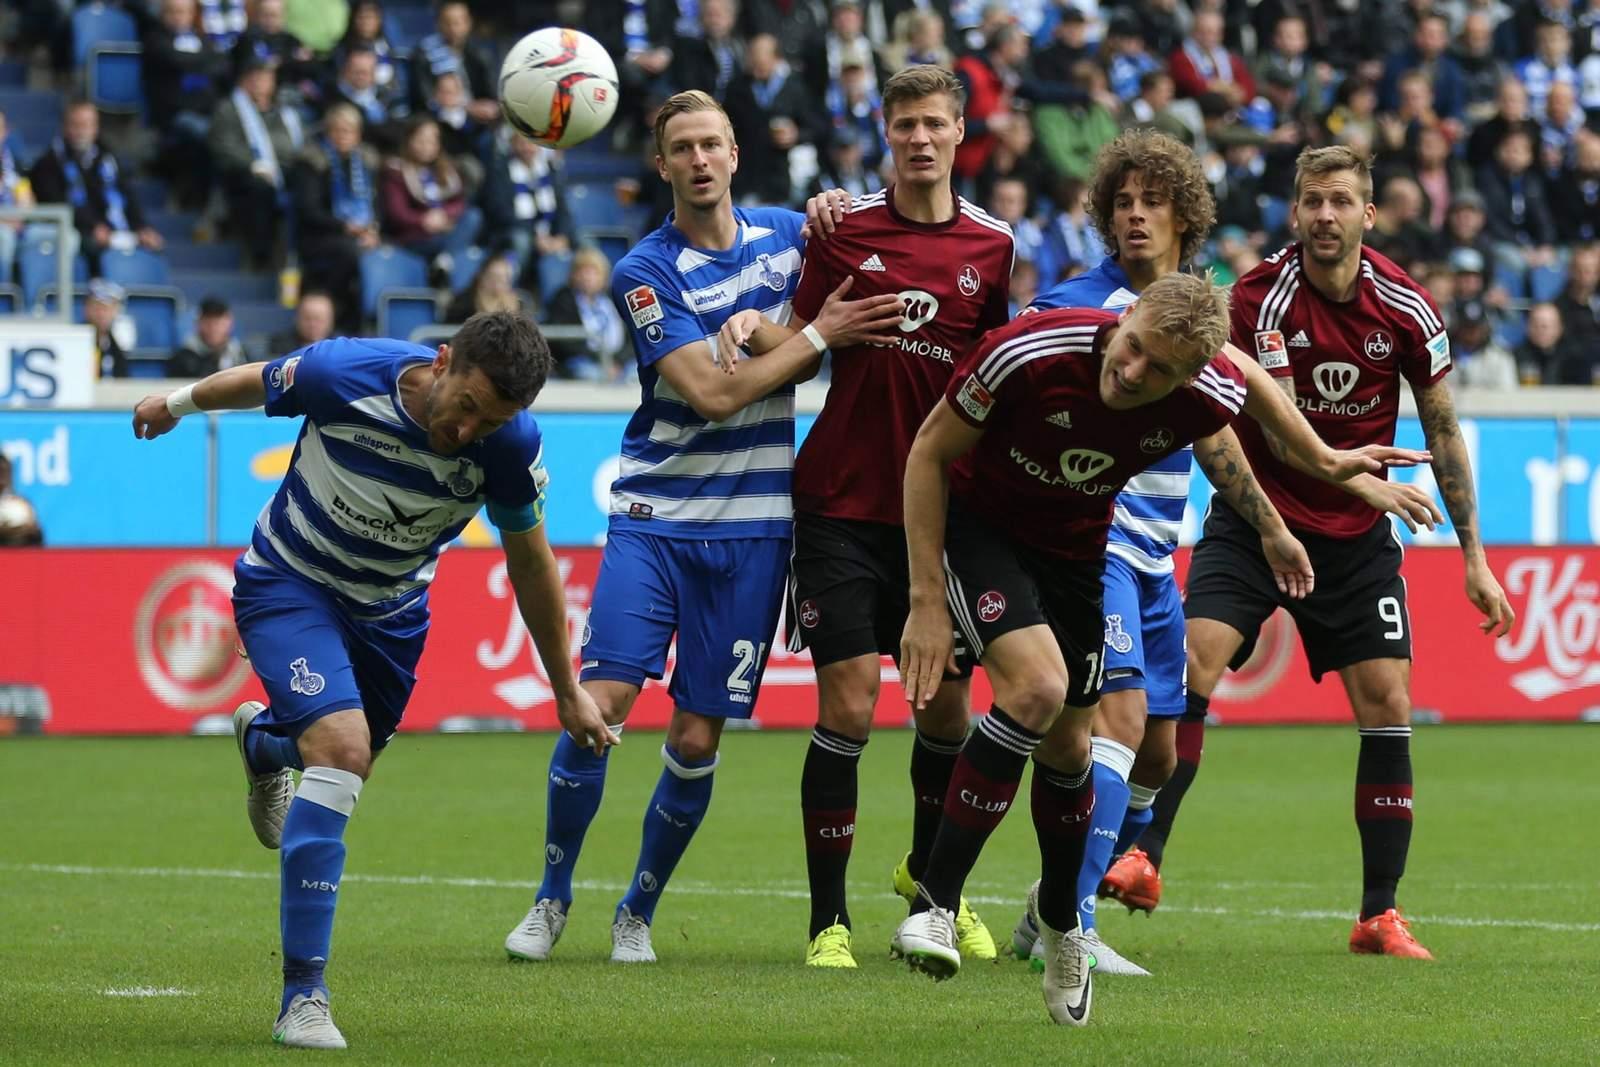 Trifft Hanno Behrens per Kopf? Unser Tipp: 1. FC Nürnberg gewinnt gegen MSV Duisburg